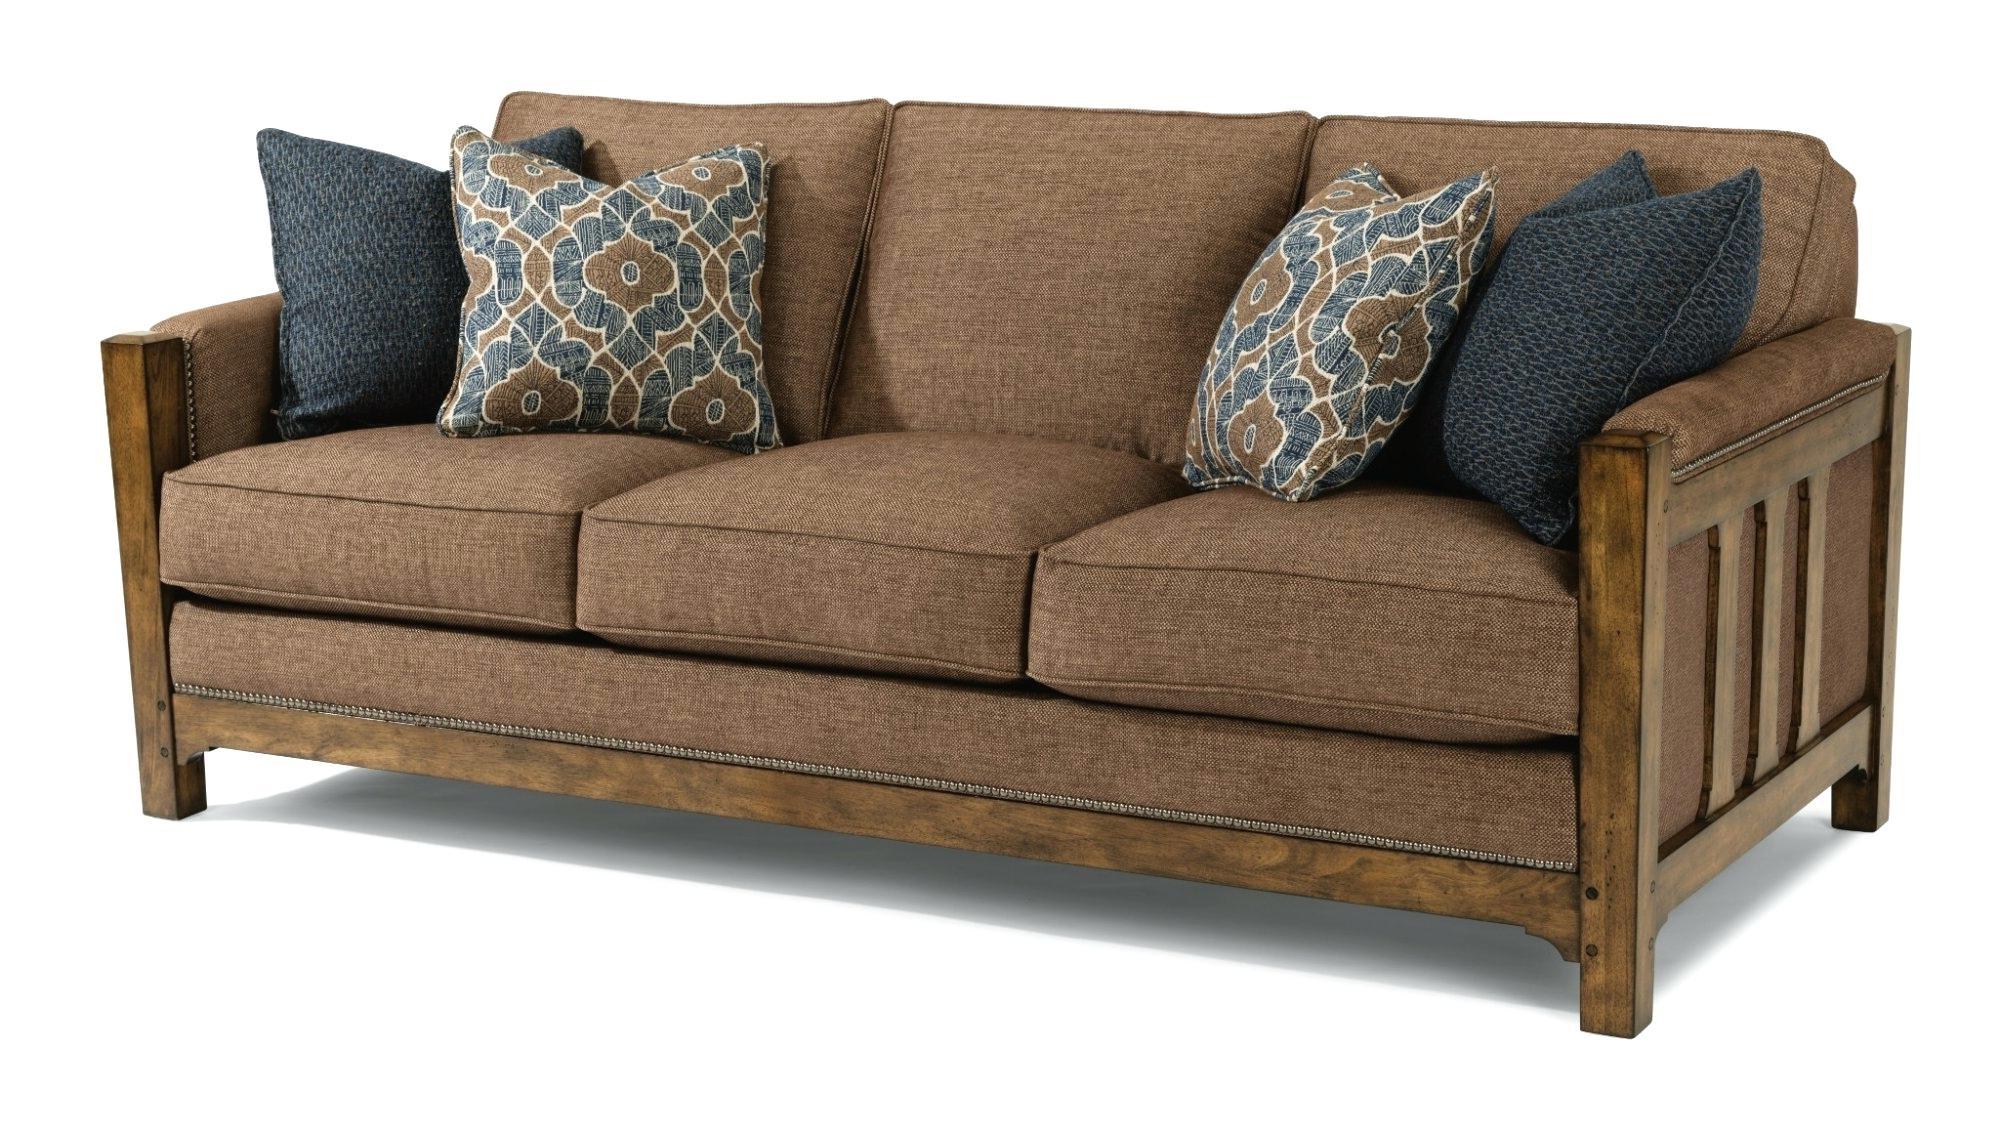 Lane Furniture Sofas For Popular Lane Furniture Sofas Sofa – 4parkar (View 14 of 20)